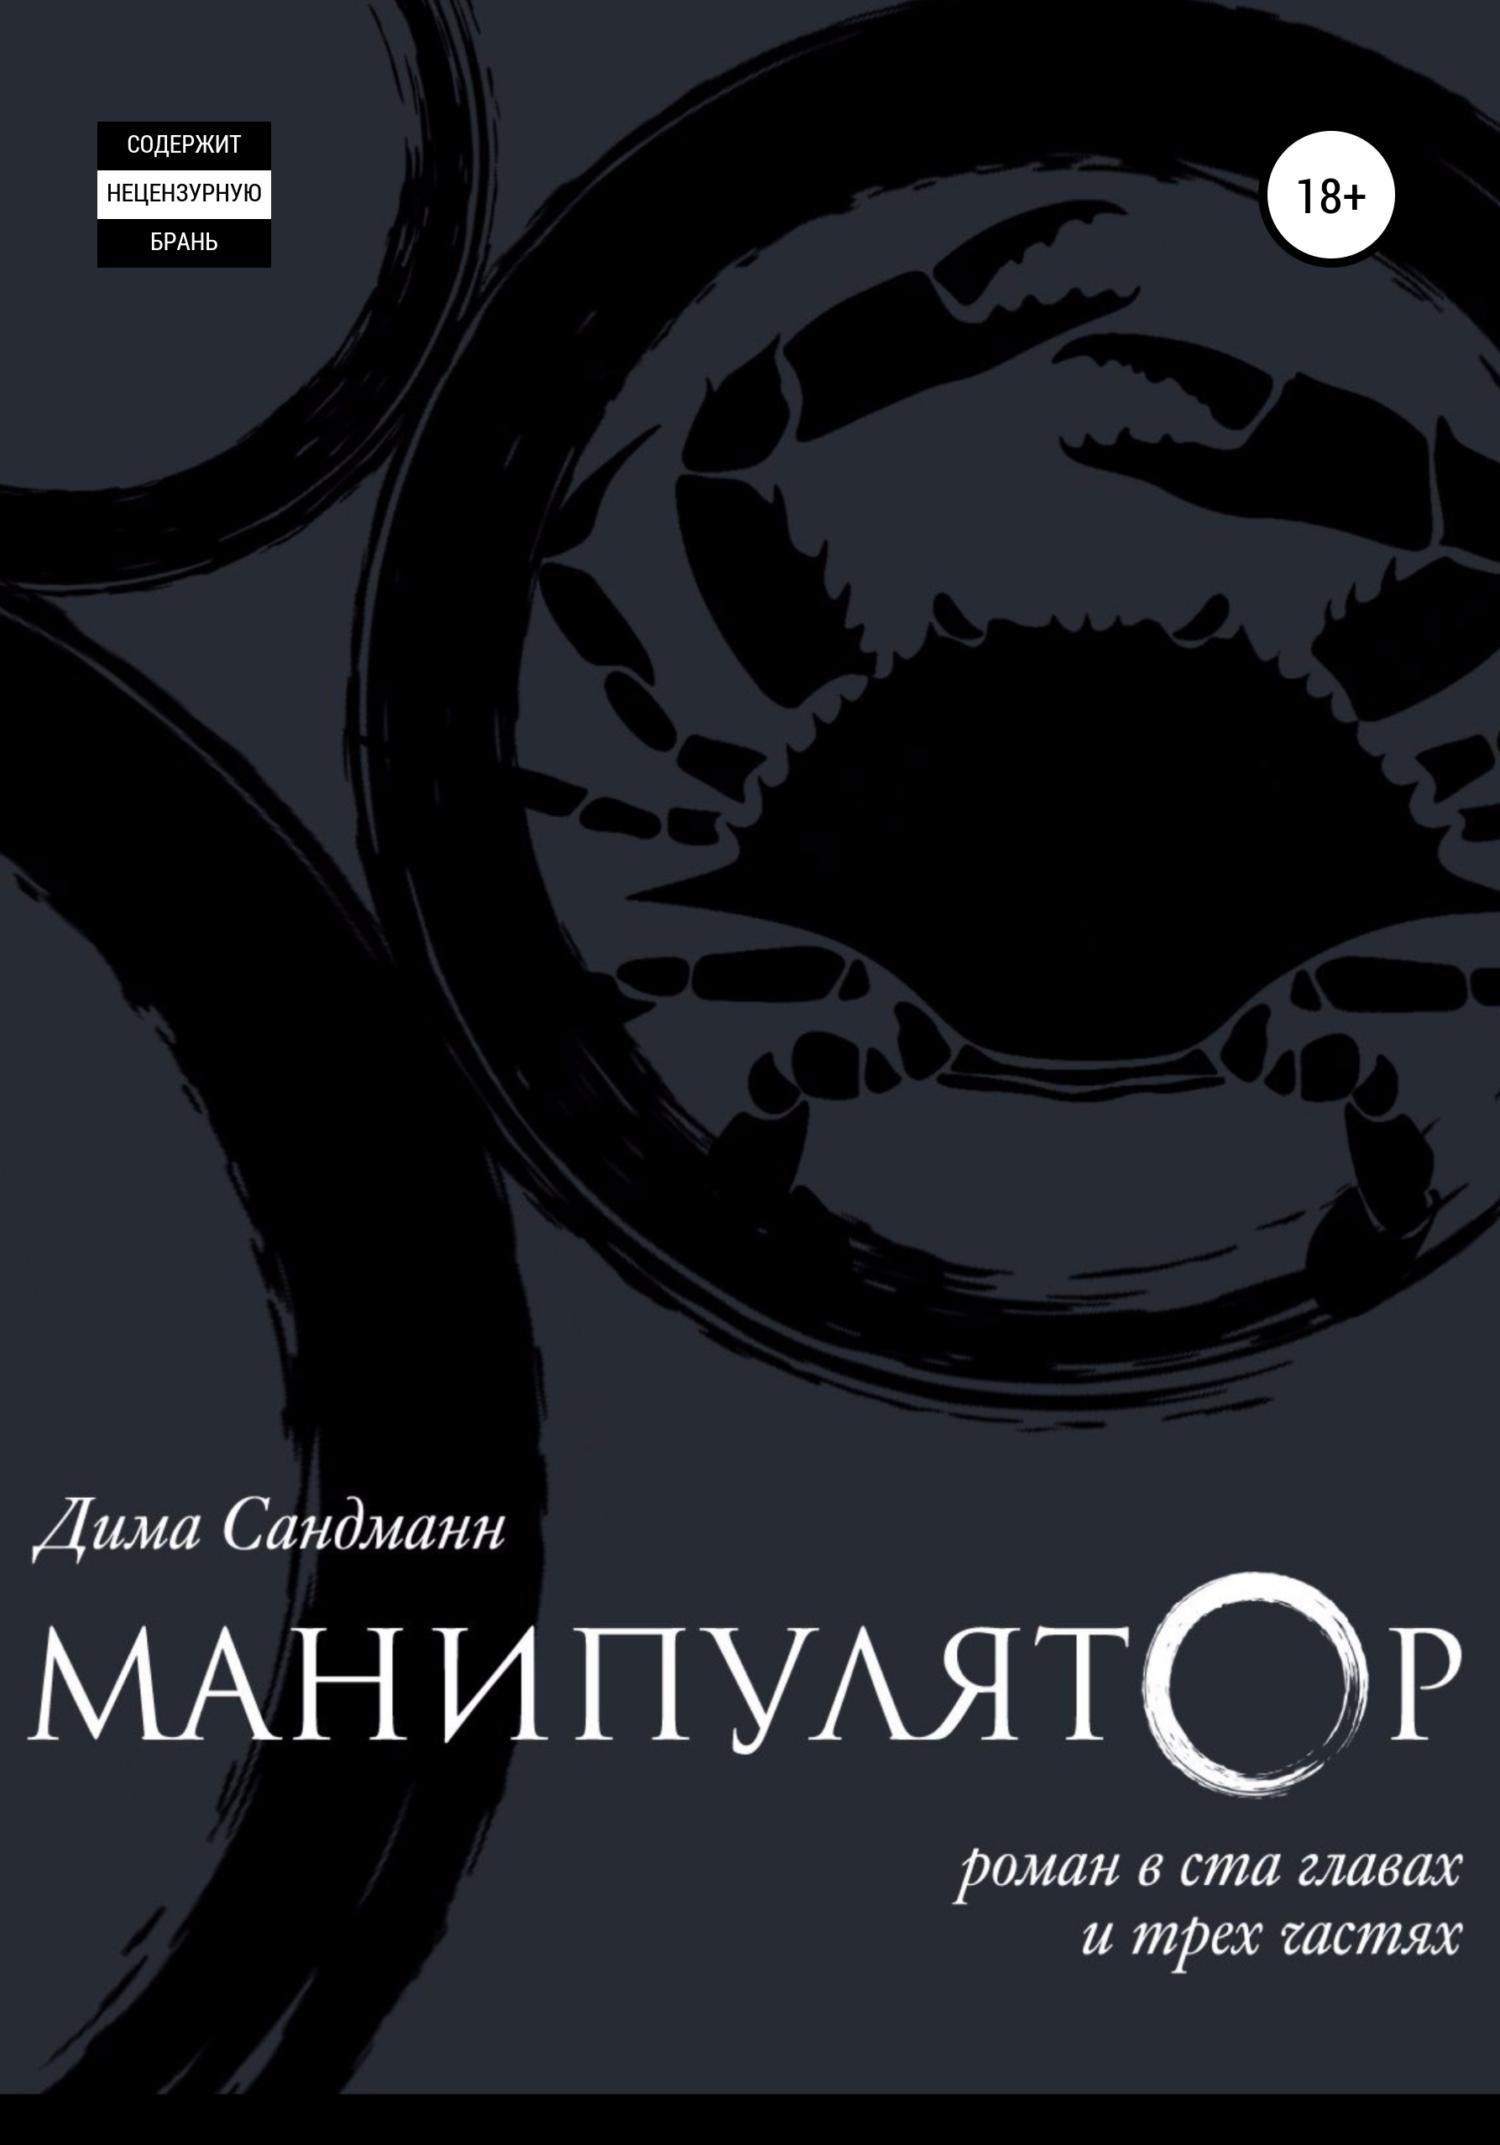 Дима Сандманн Манипулятор. Глава 059 дима сандманн манипулятор глава 009